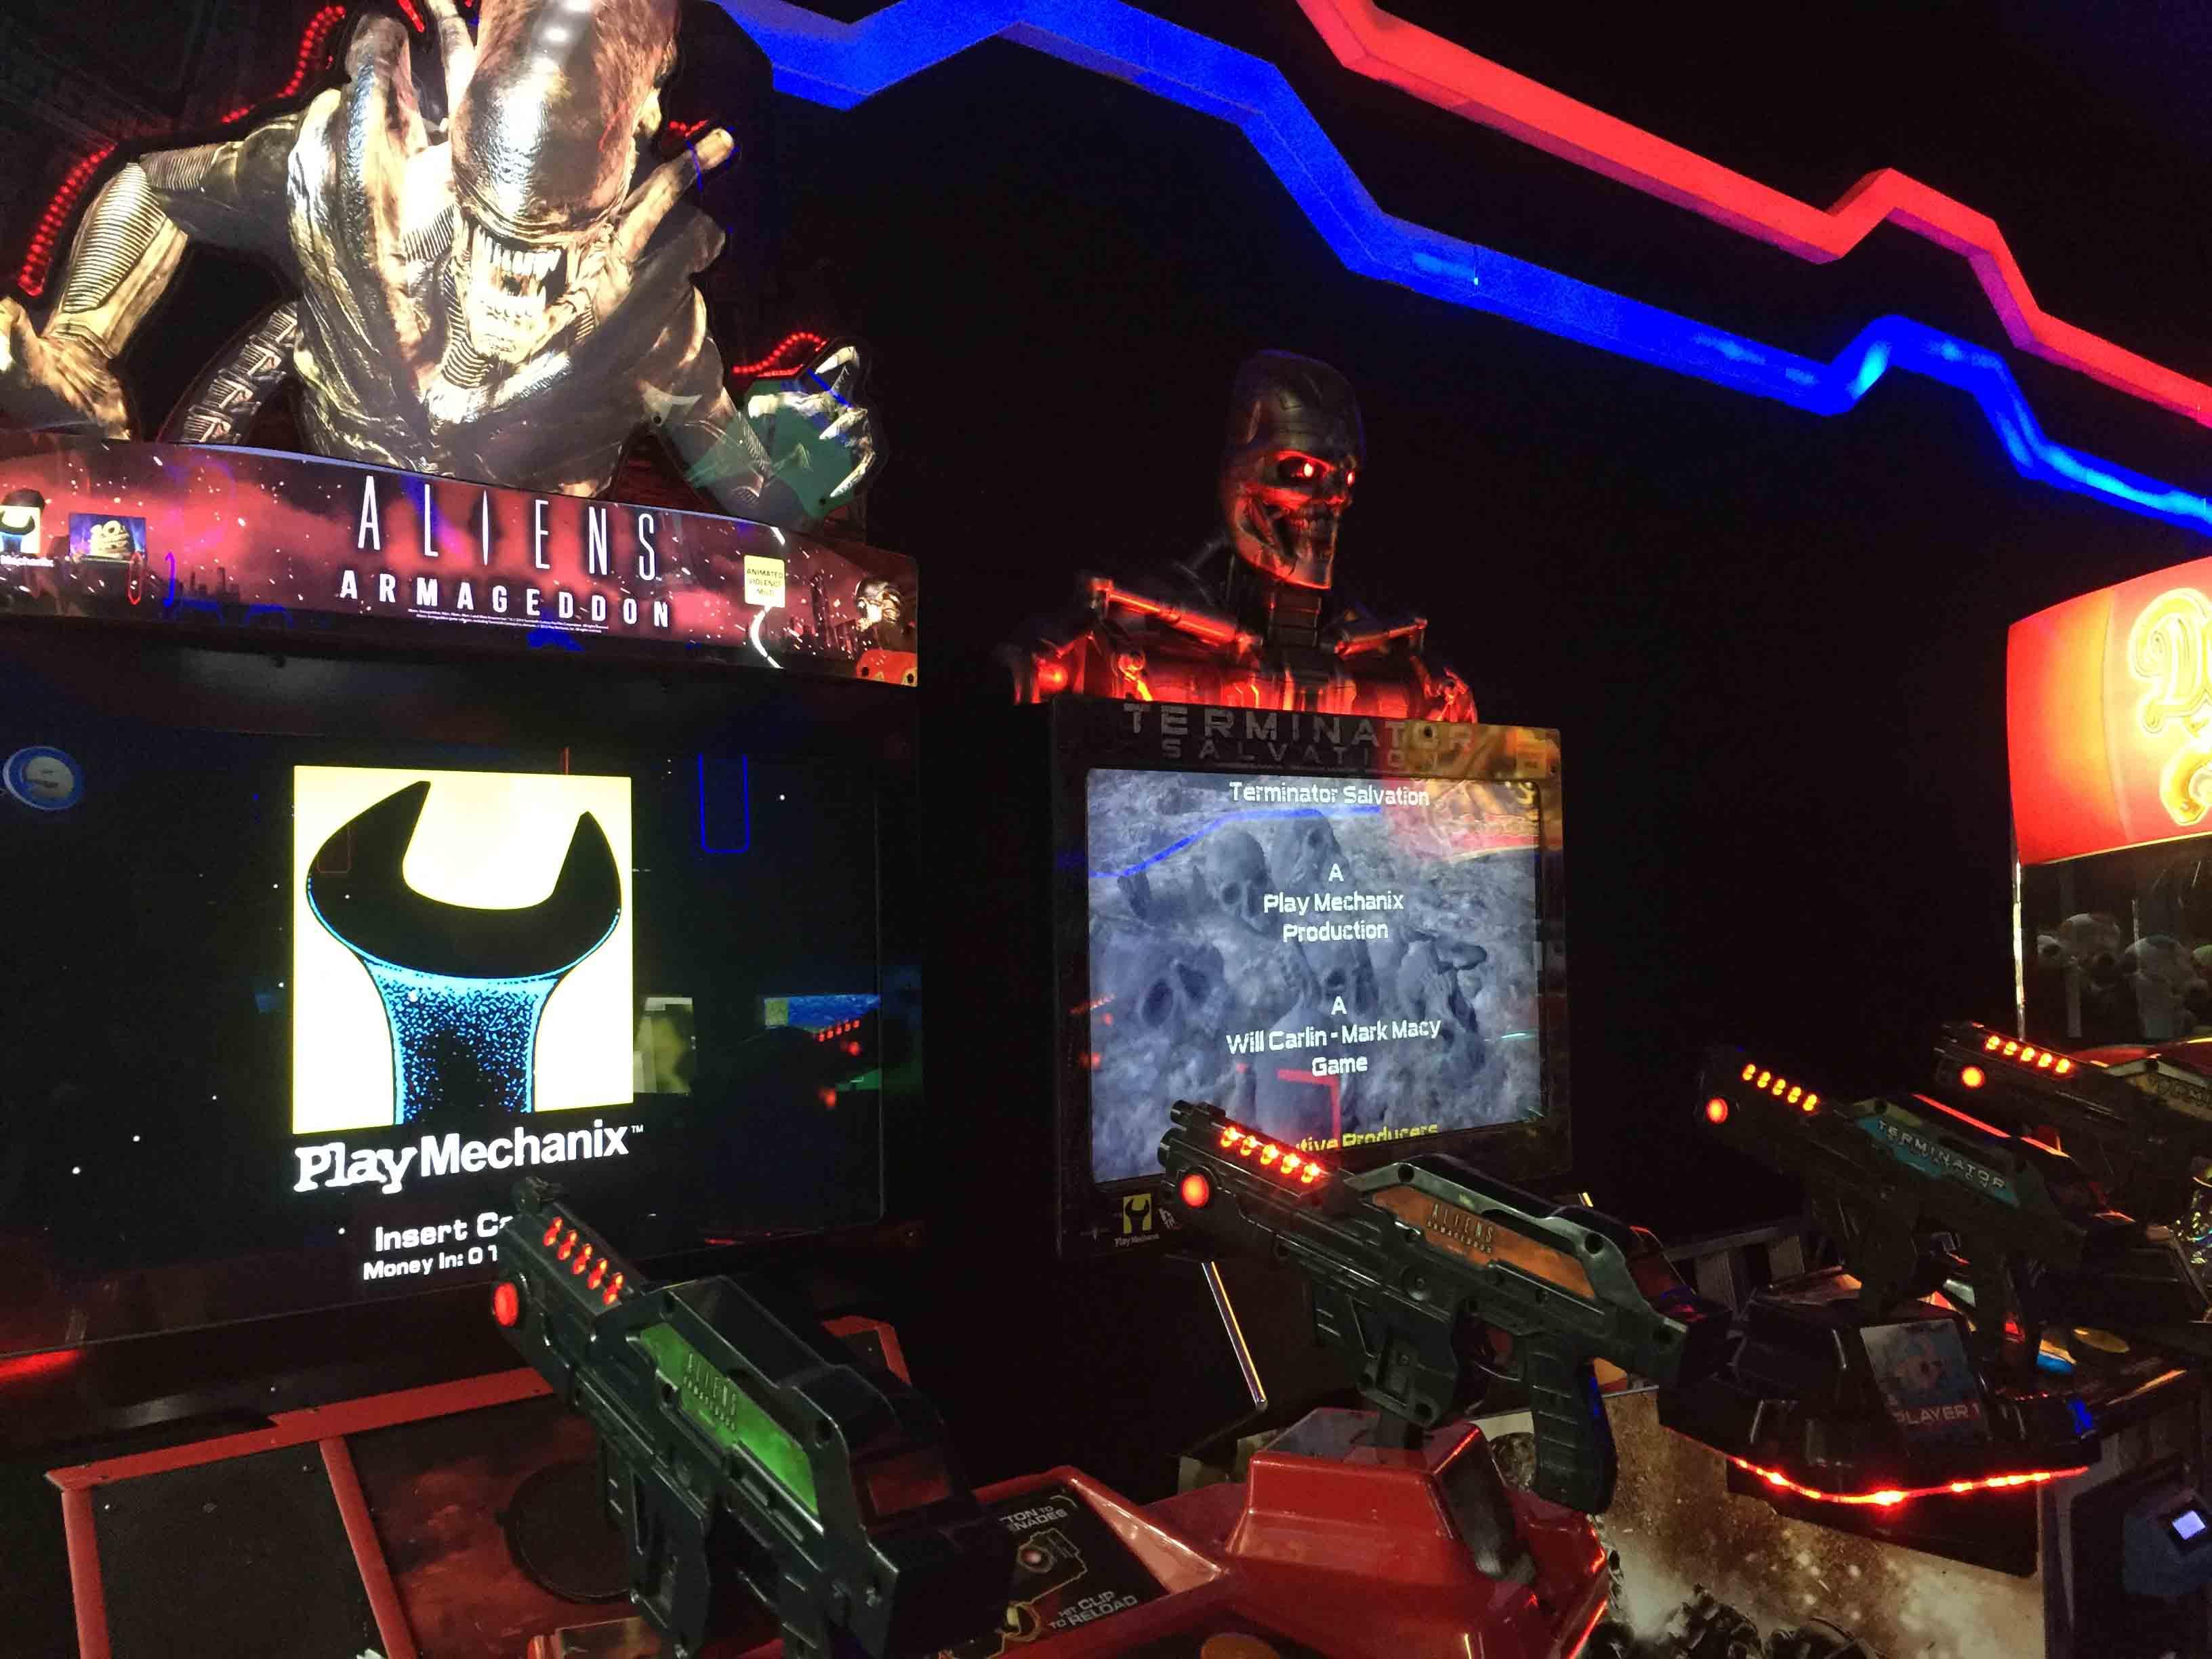 eSports-Kamp-Arena-La-vida-es-un-videojuego-12